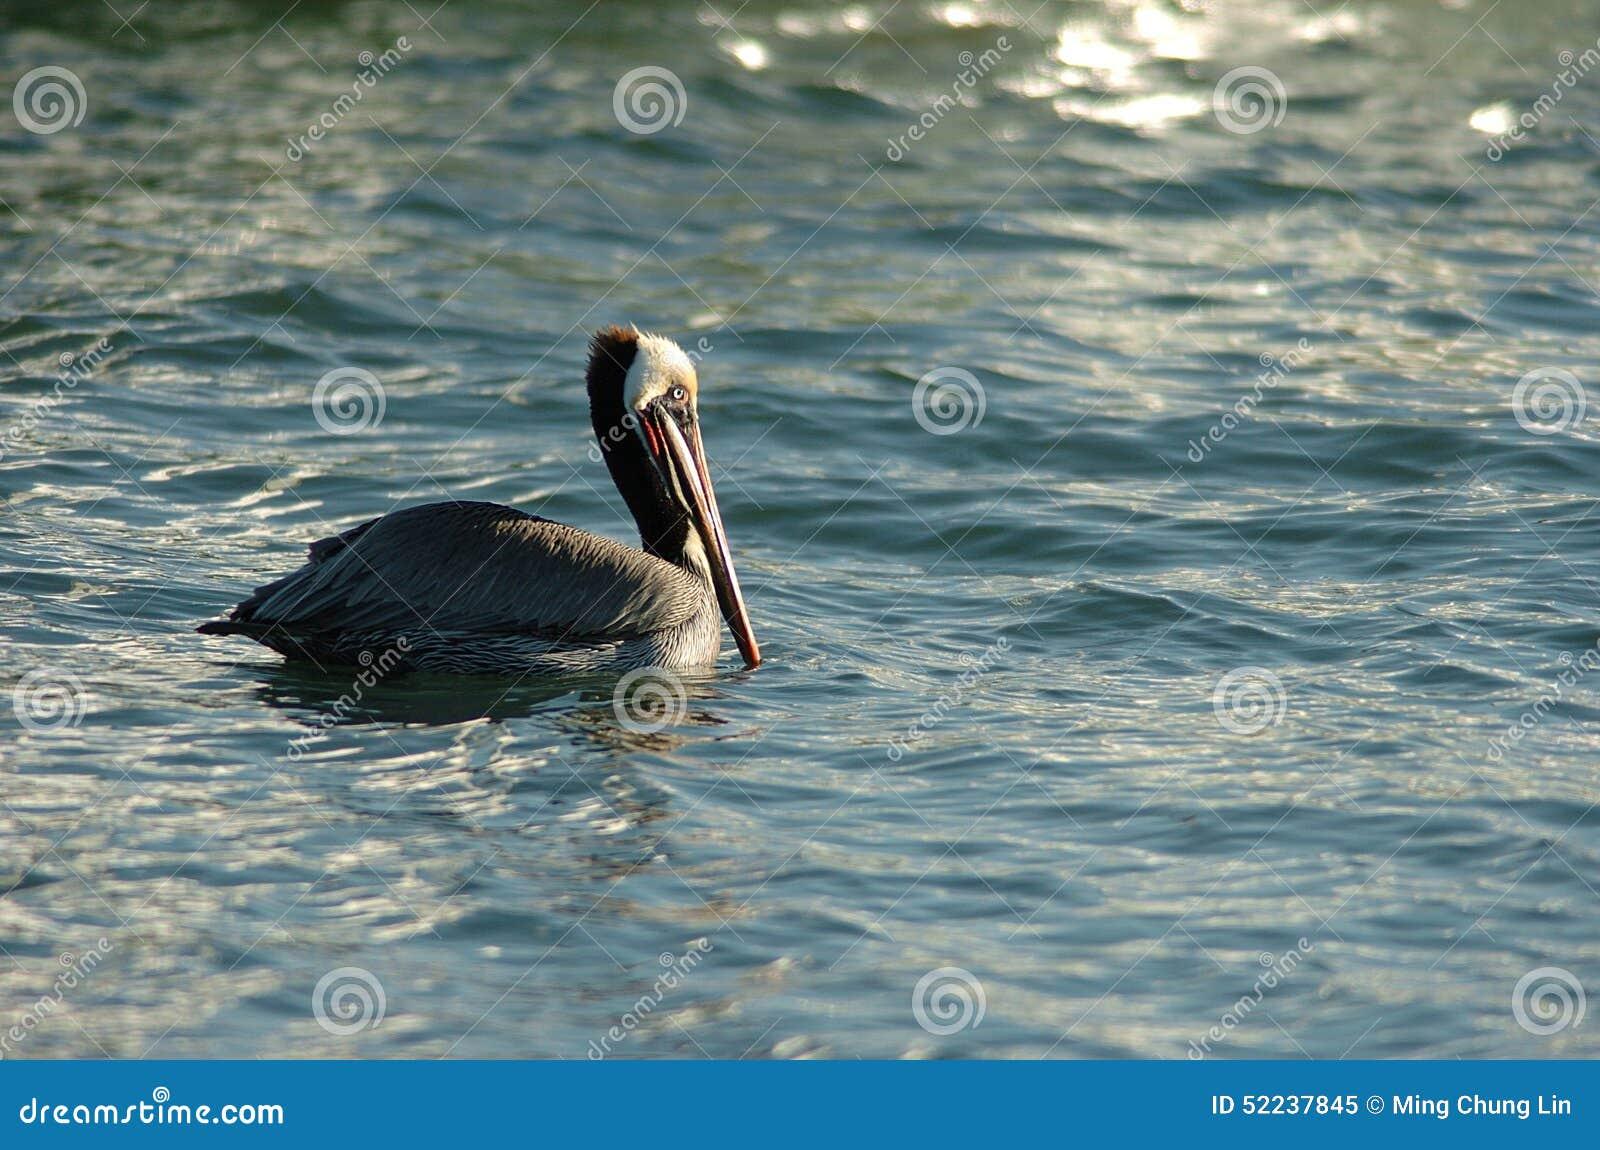 Brown Pelican - Breeding adult